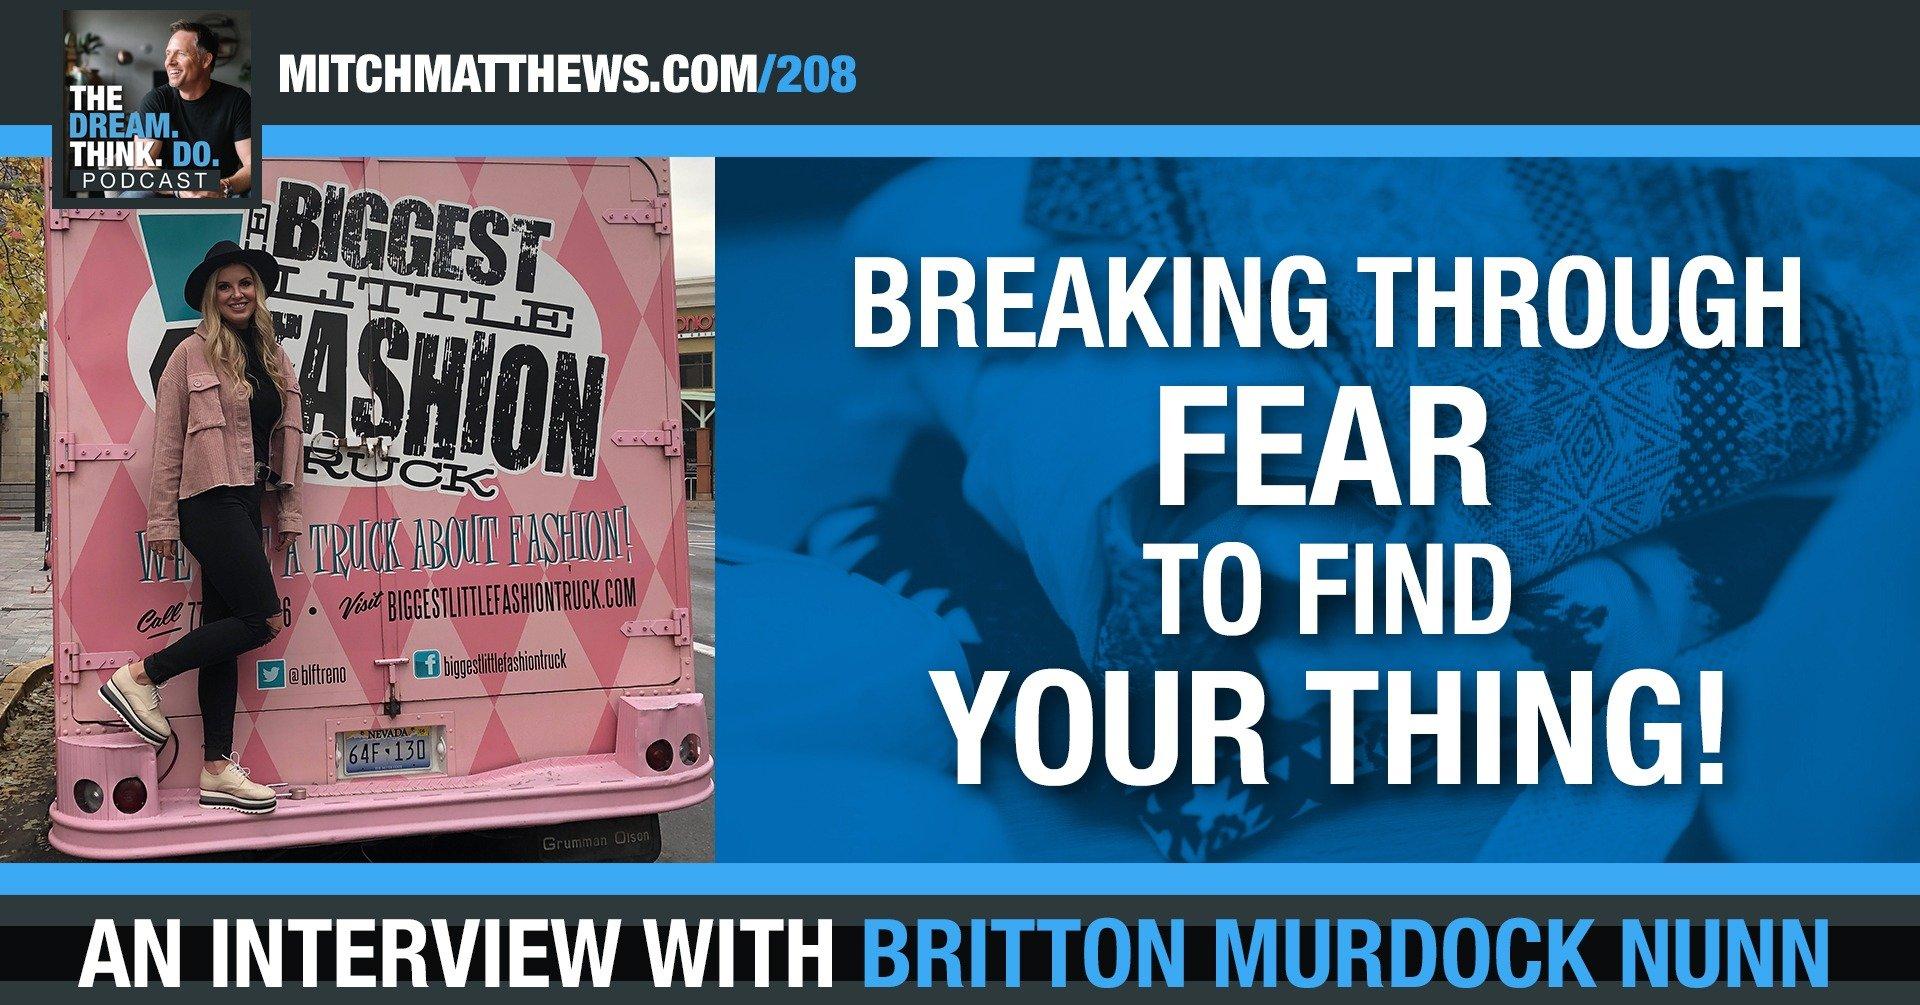 Britton Murdock Nunn